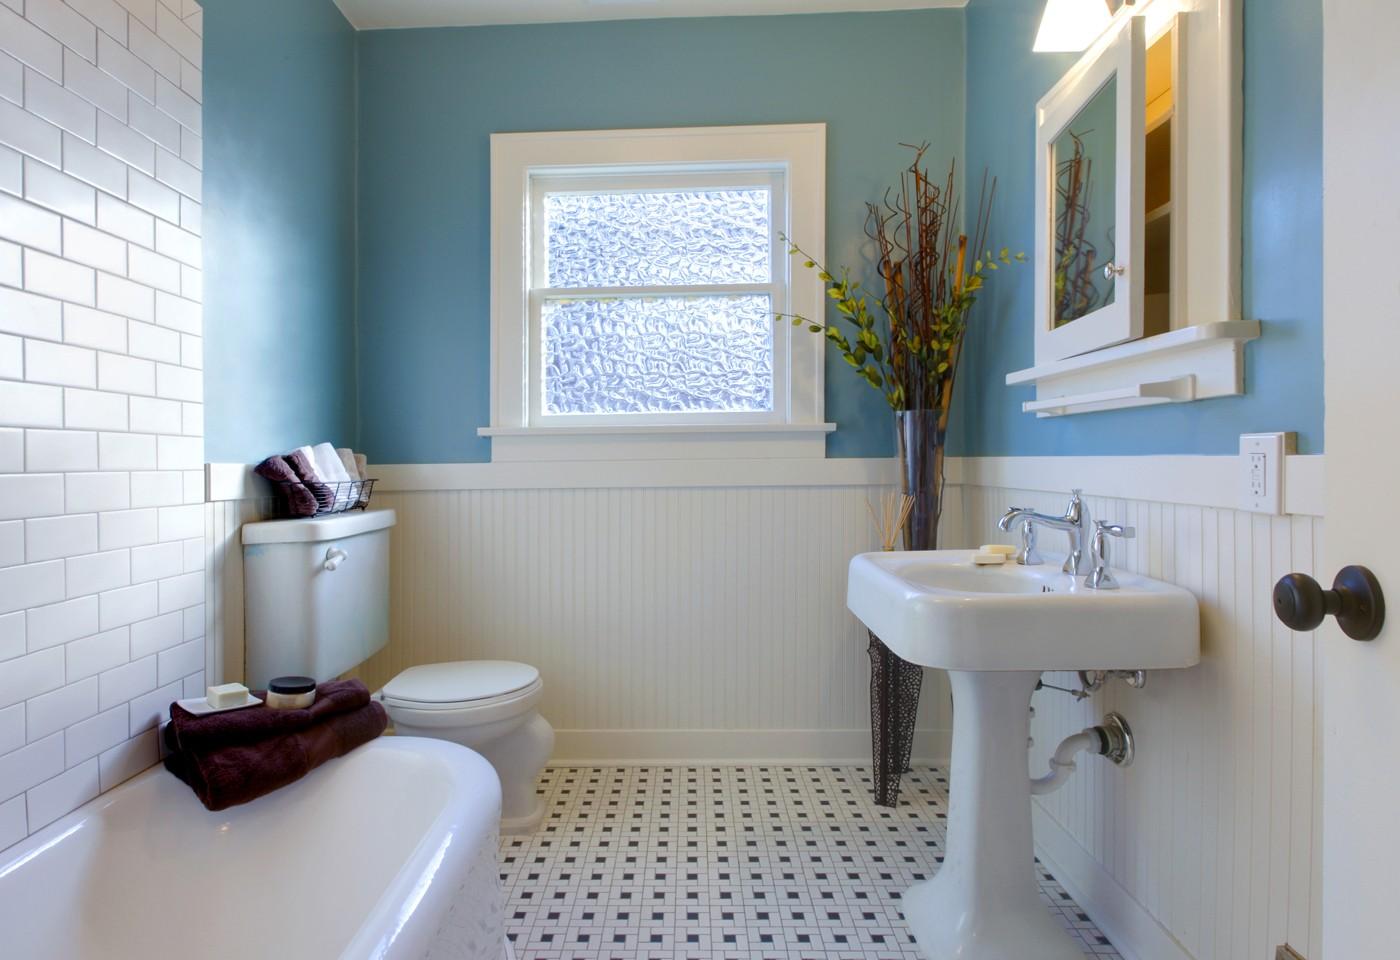 11 consigli imperdibili per arredare una casa in stile